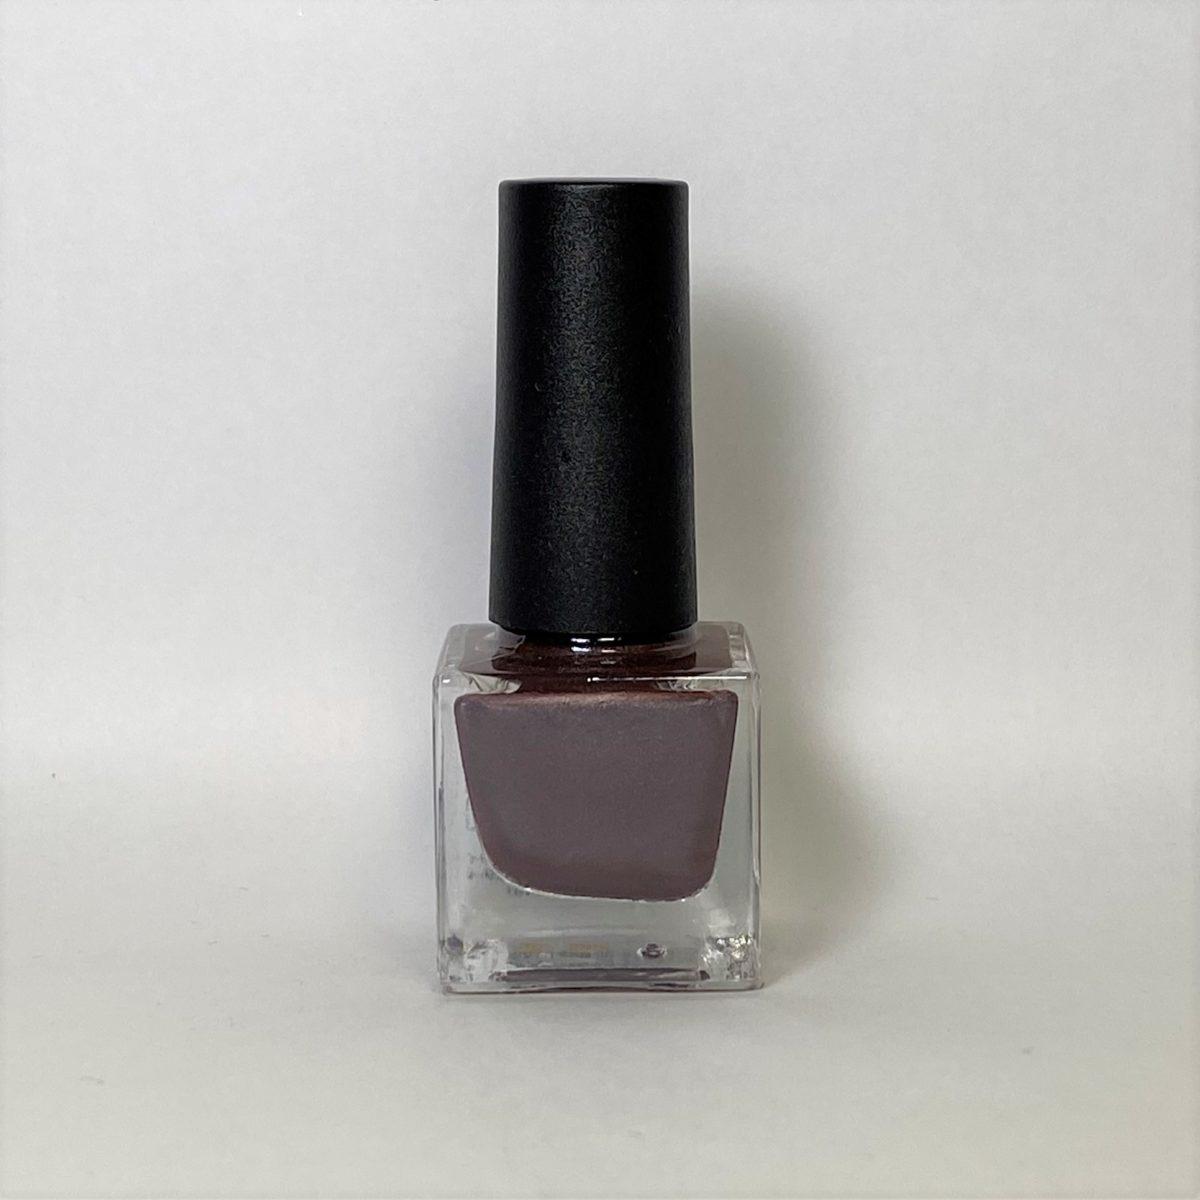 ネイルポリッシュ R04 Brown